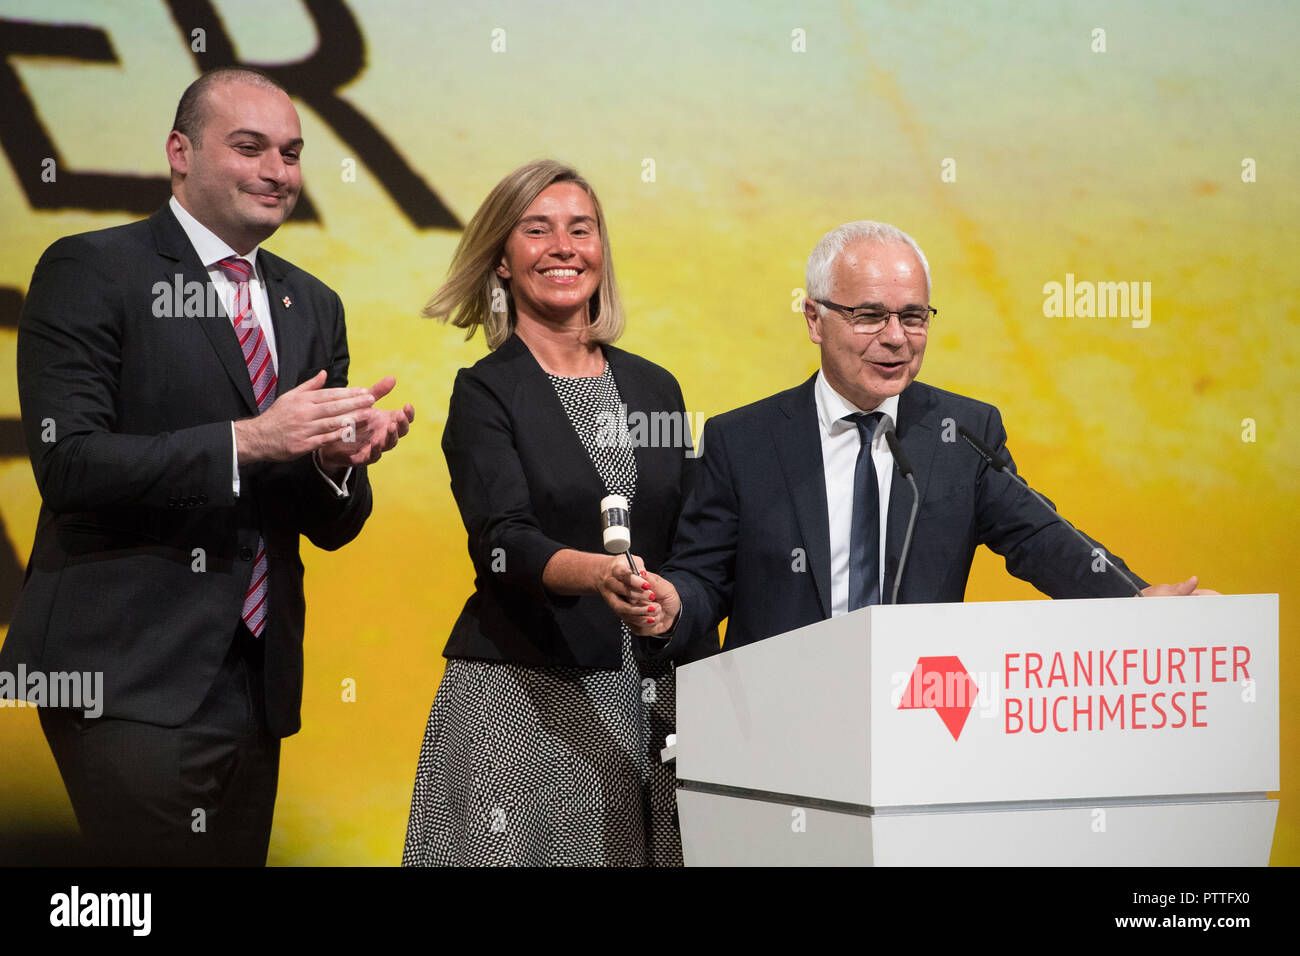 Mamuka BAKHTADZE (l., Premier Ministre de la Géorgie), Federica MOGHERINI (withte., haut représentant de l'Union européenne pour les Affaires étrangères et la politique de sécurité, Vice-président de la Commission européenne) et Heinrich (Riethmáller RIETHMUELLER, chef de l'Association de la Bourse de commerce du livre allemand) s'est ouverte avec un coup de marteau de la Foire du livre de Francfort, la moitié de la figure, la moitié de la figure, Marteau, Schlag, lors de la cérémonie d'ouverture de la foire du livre de Francfort 2018 sur 09.10.2018, Foire du livre de Francfort à partir de 2018 10.10 - 14.10.2018 à Frankfurt am Main / Allemagne. Dans le monde d'utilisation   Photo Stock